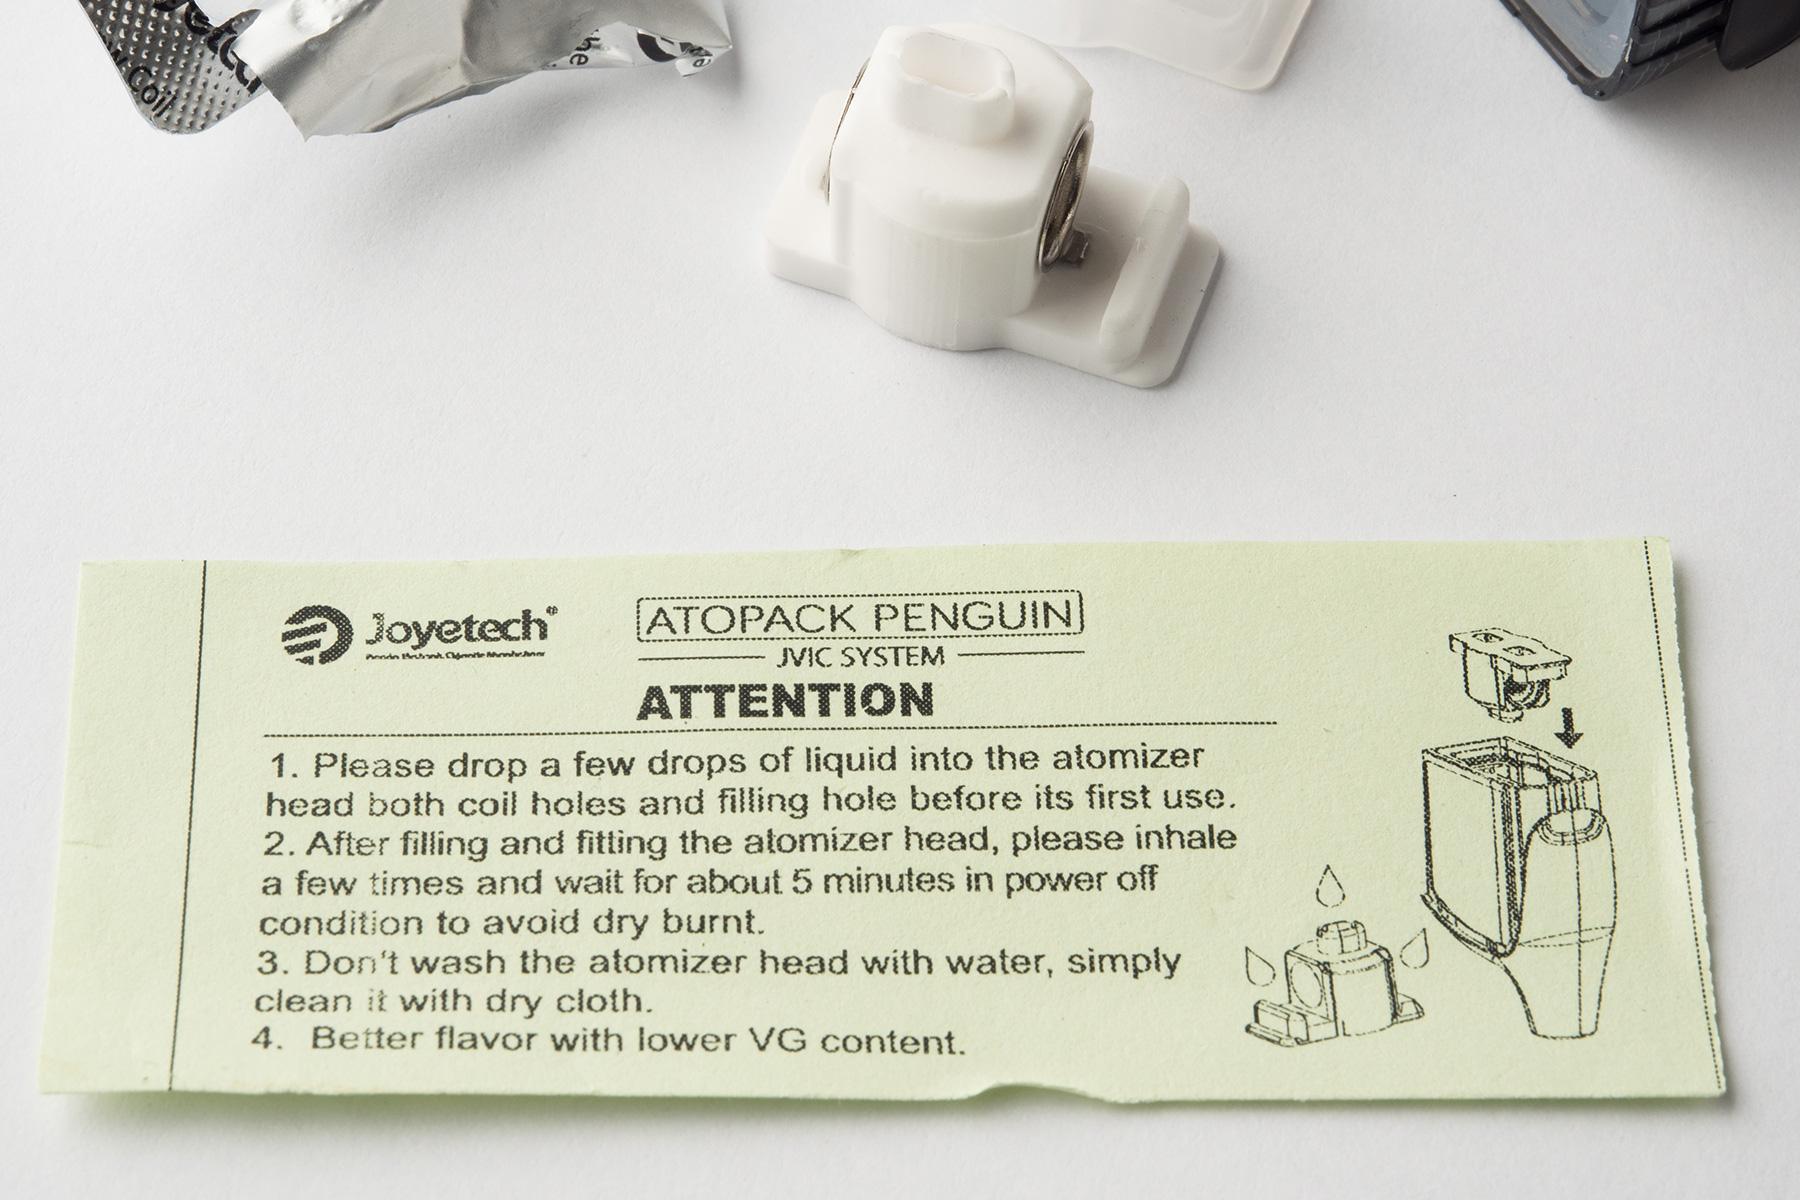 【スターターキット】ATOPACK PENGUIN「アトパック・ペンギン」(Joyetech/ジョイテック) レビュー